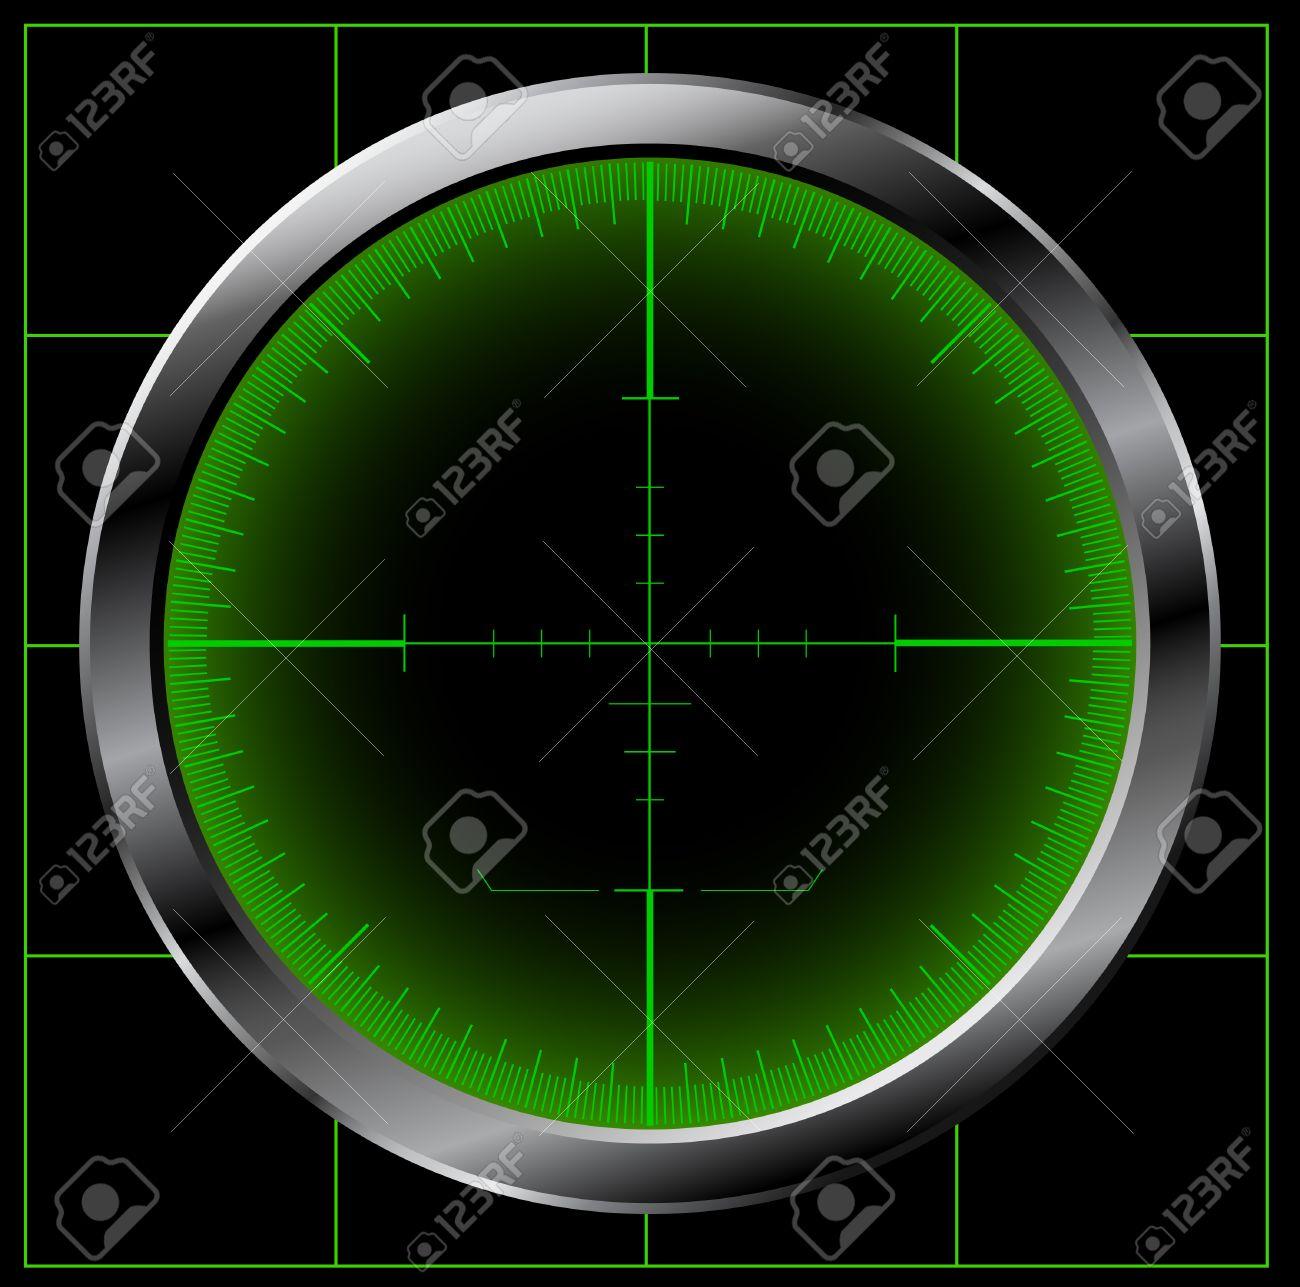 Radar screen Stock Vector - 8738501